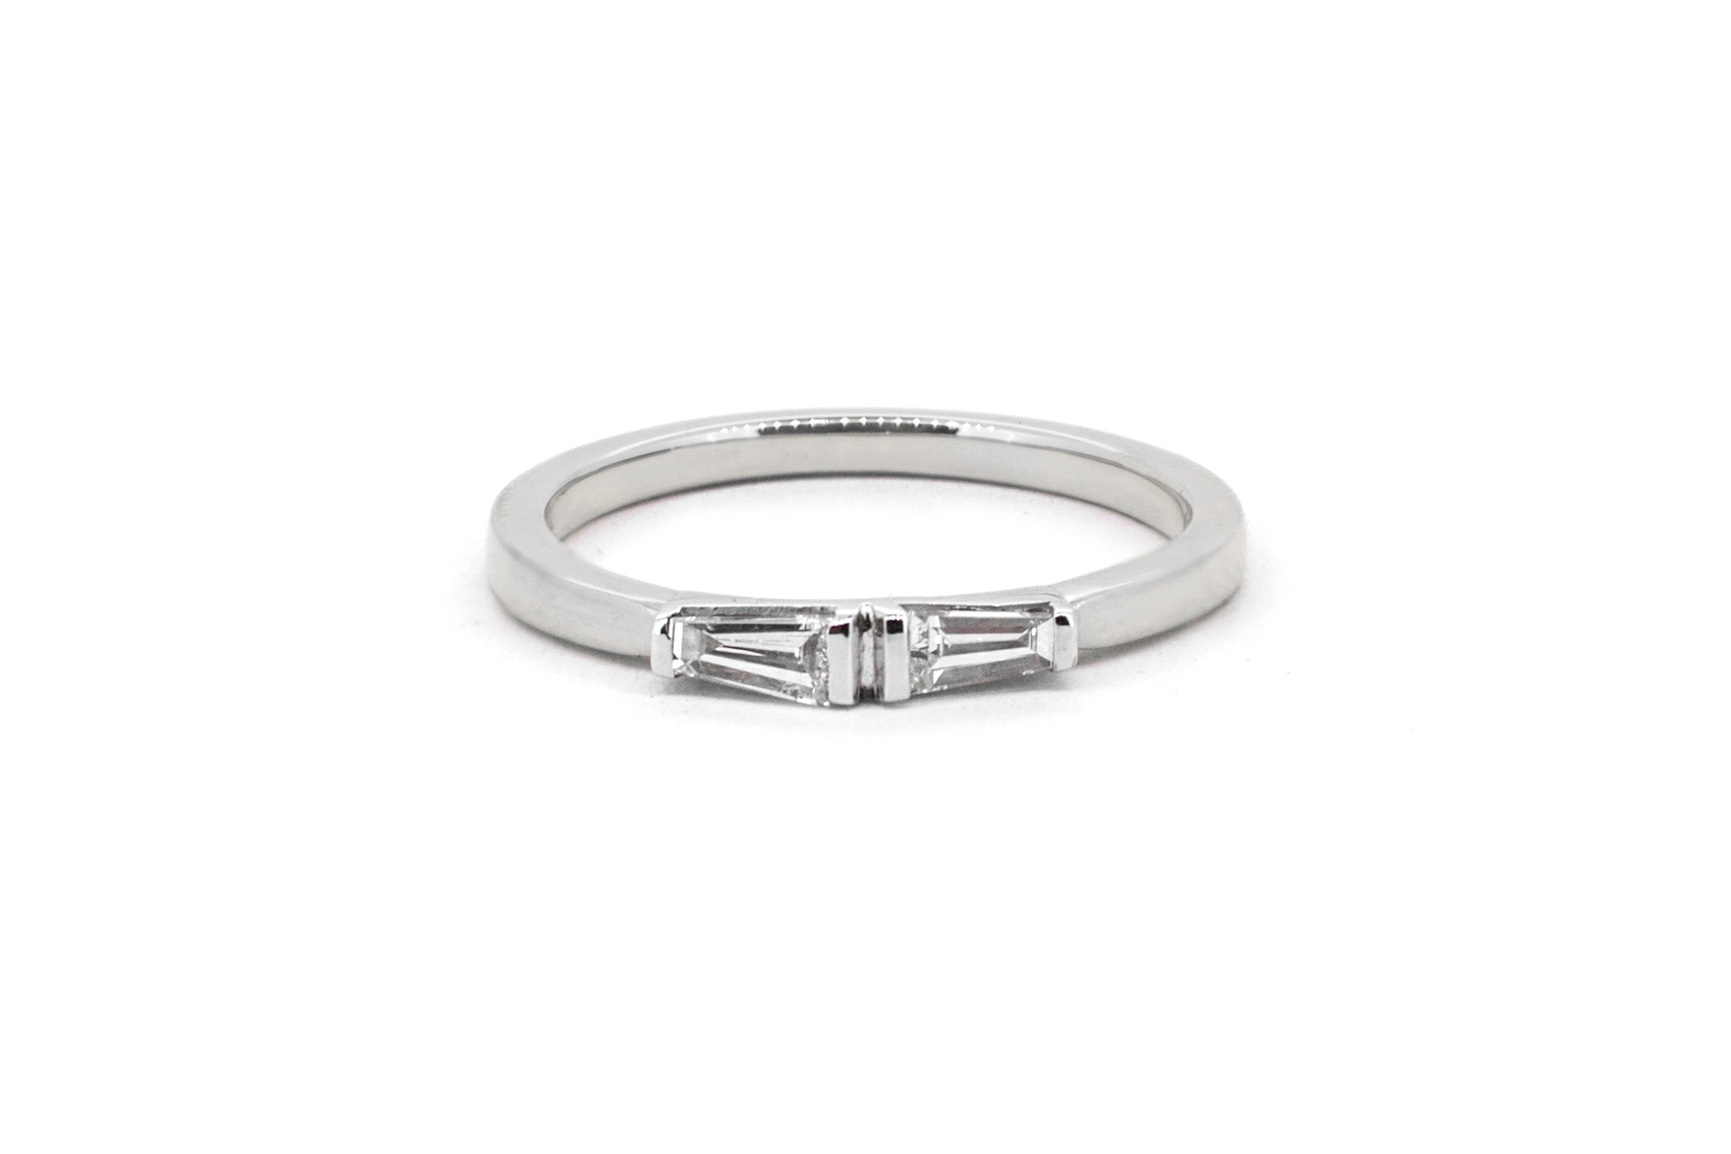 Genevieve-Baguette-Ring-6-WG.jpg